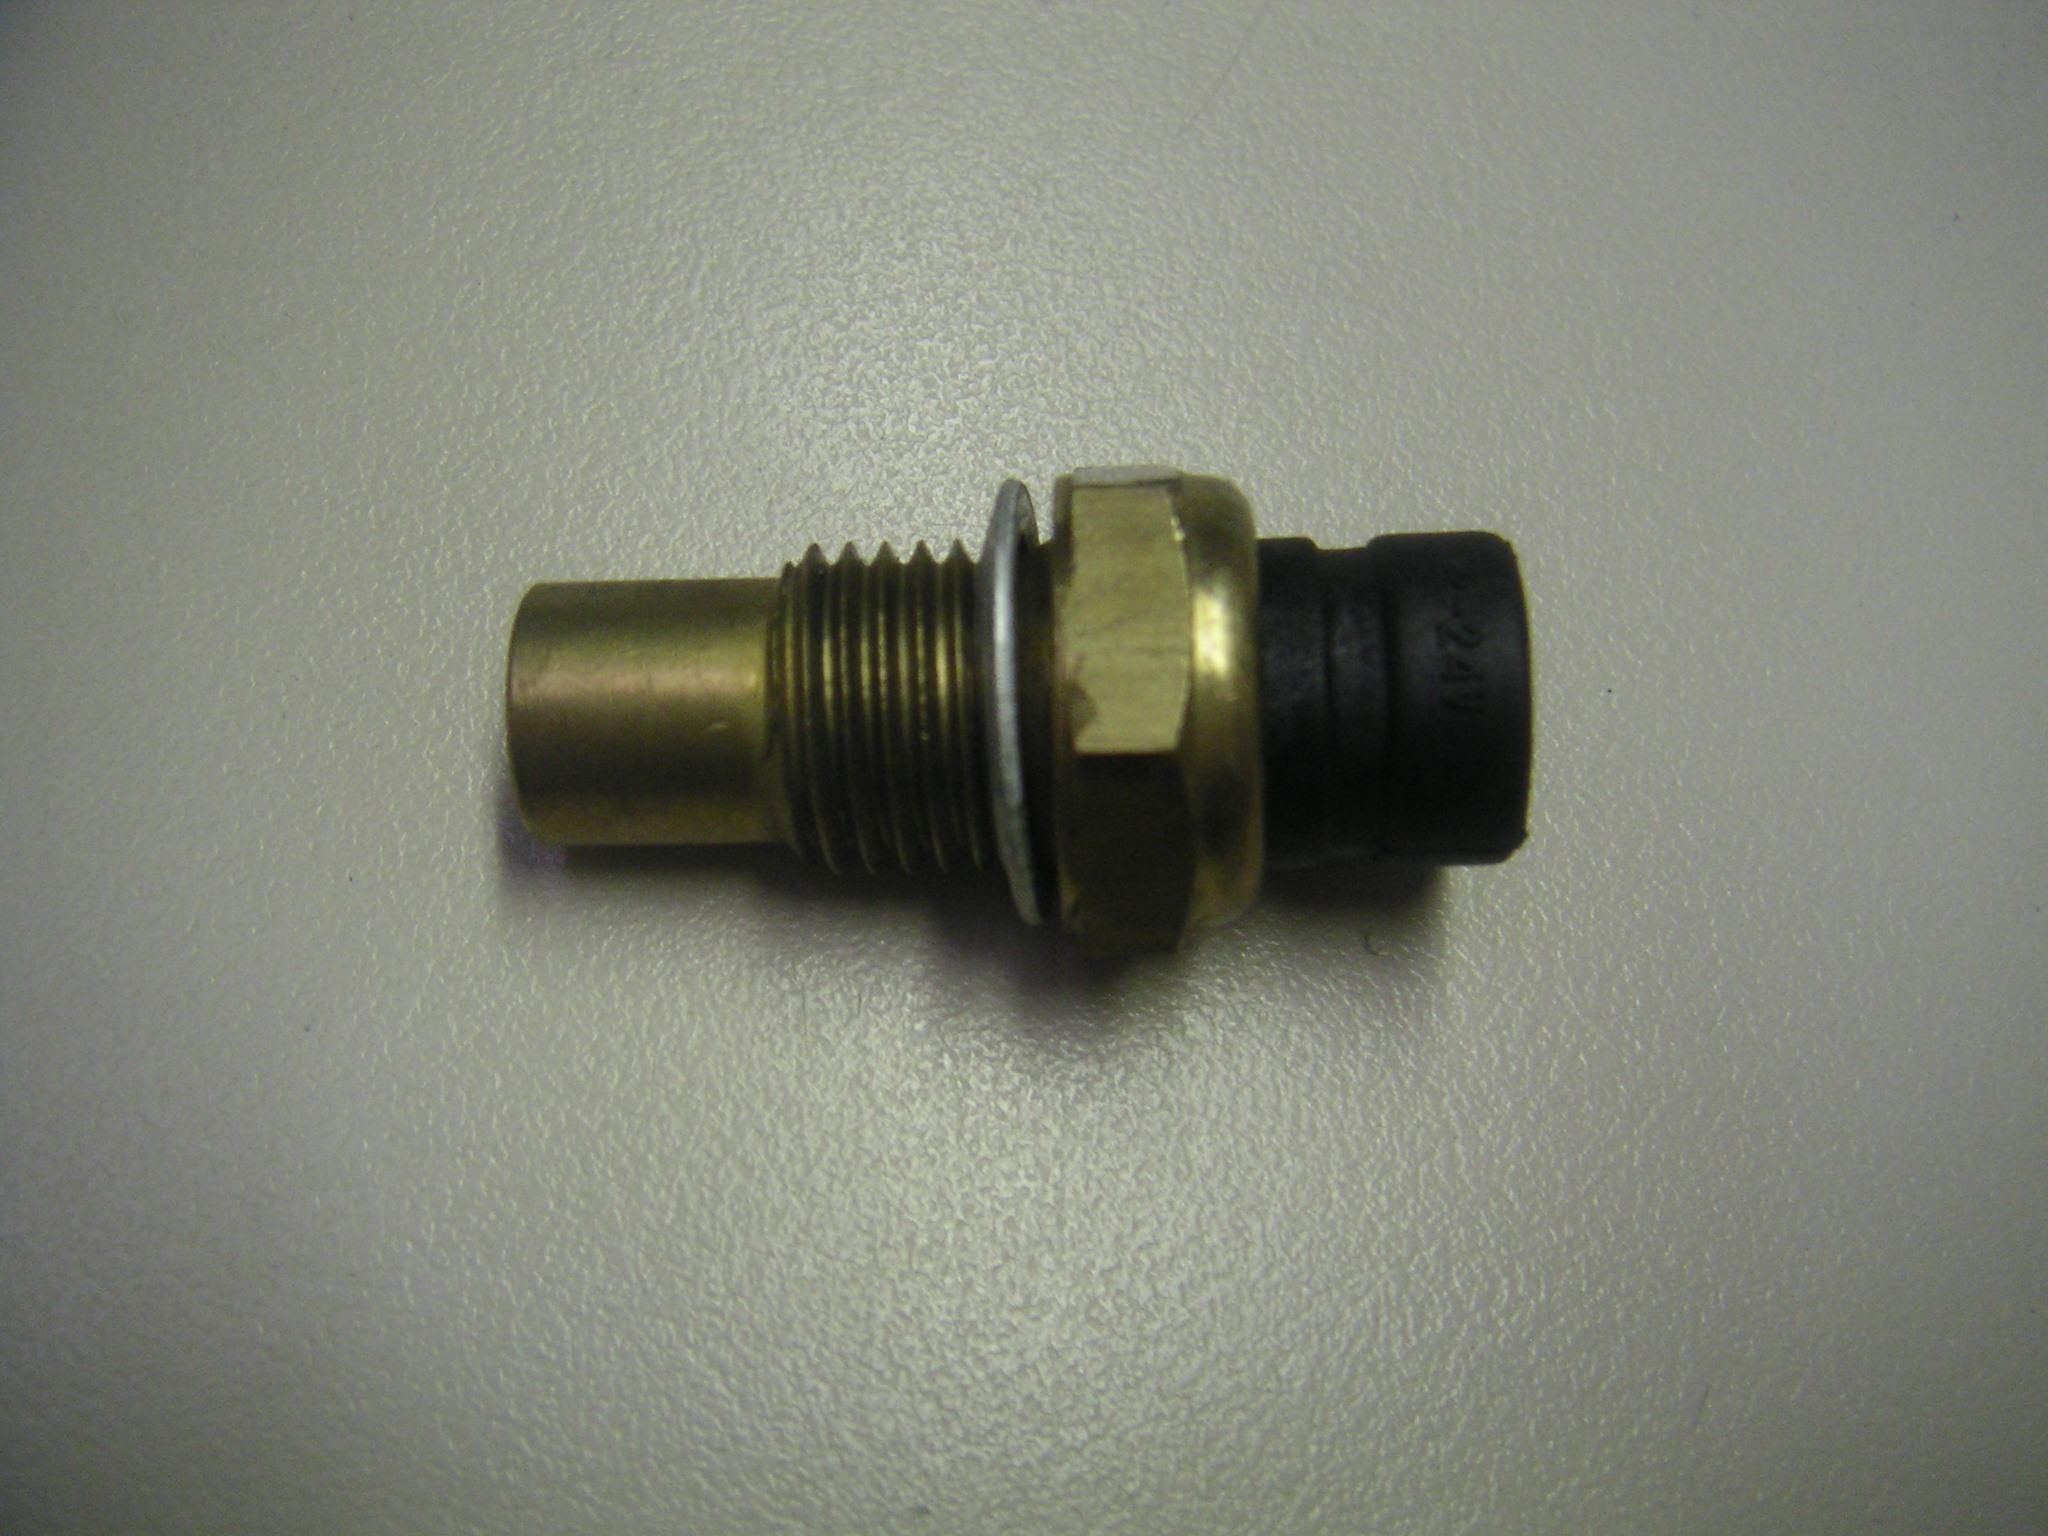 Capteur thermometre electrique LDW502 LDW602 LDW903 LDW1003 LDW1204 LDW1404 FOCS - LDW1503 LDW1603 LDW2004 LDW2204 CHD LOMBARDINI [9195050]